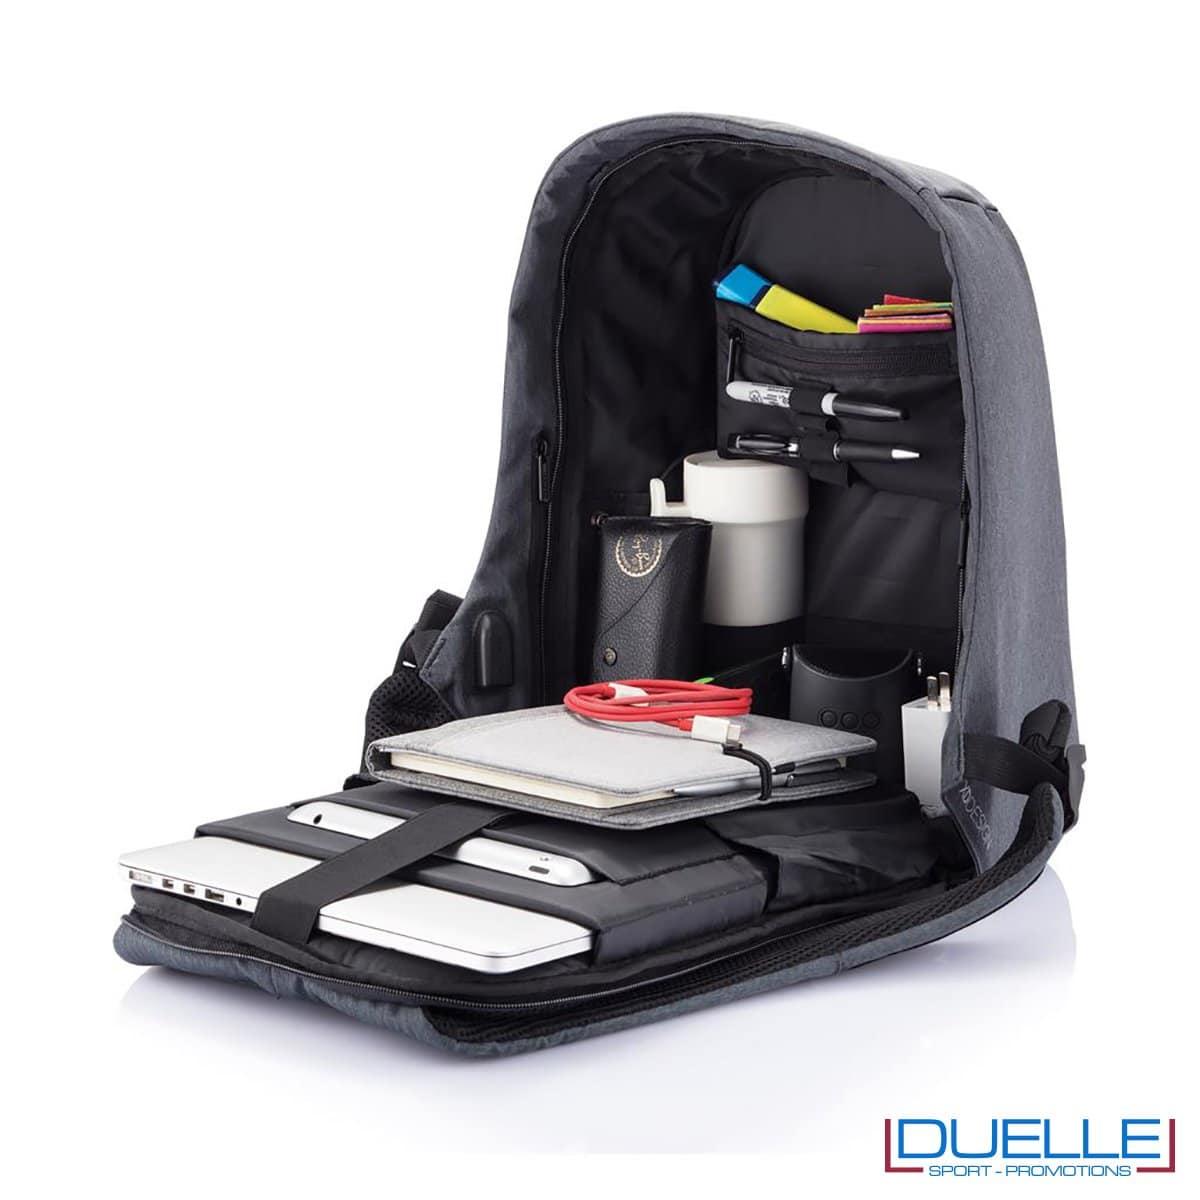 Vano centrale con porta computer e porta tablet e numerose tasche interne su zaino anti taccheggio personalizzato